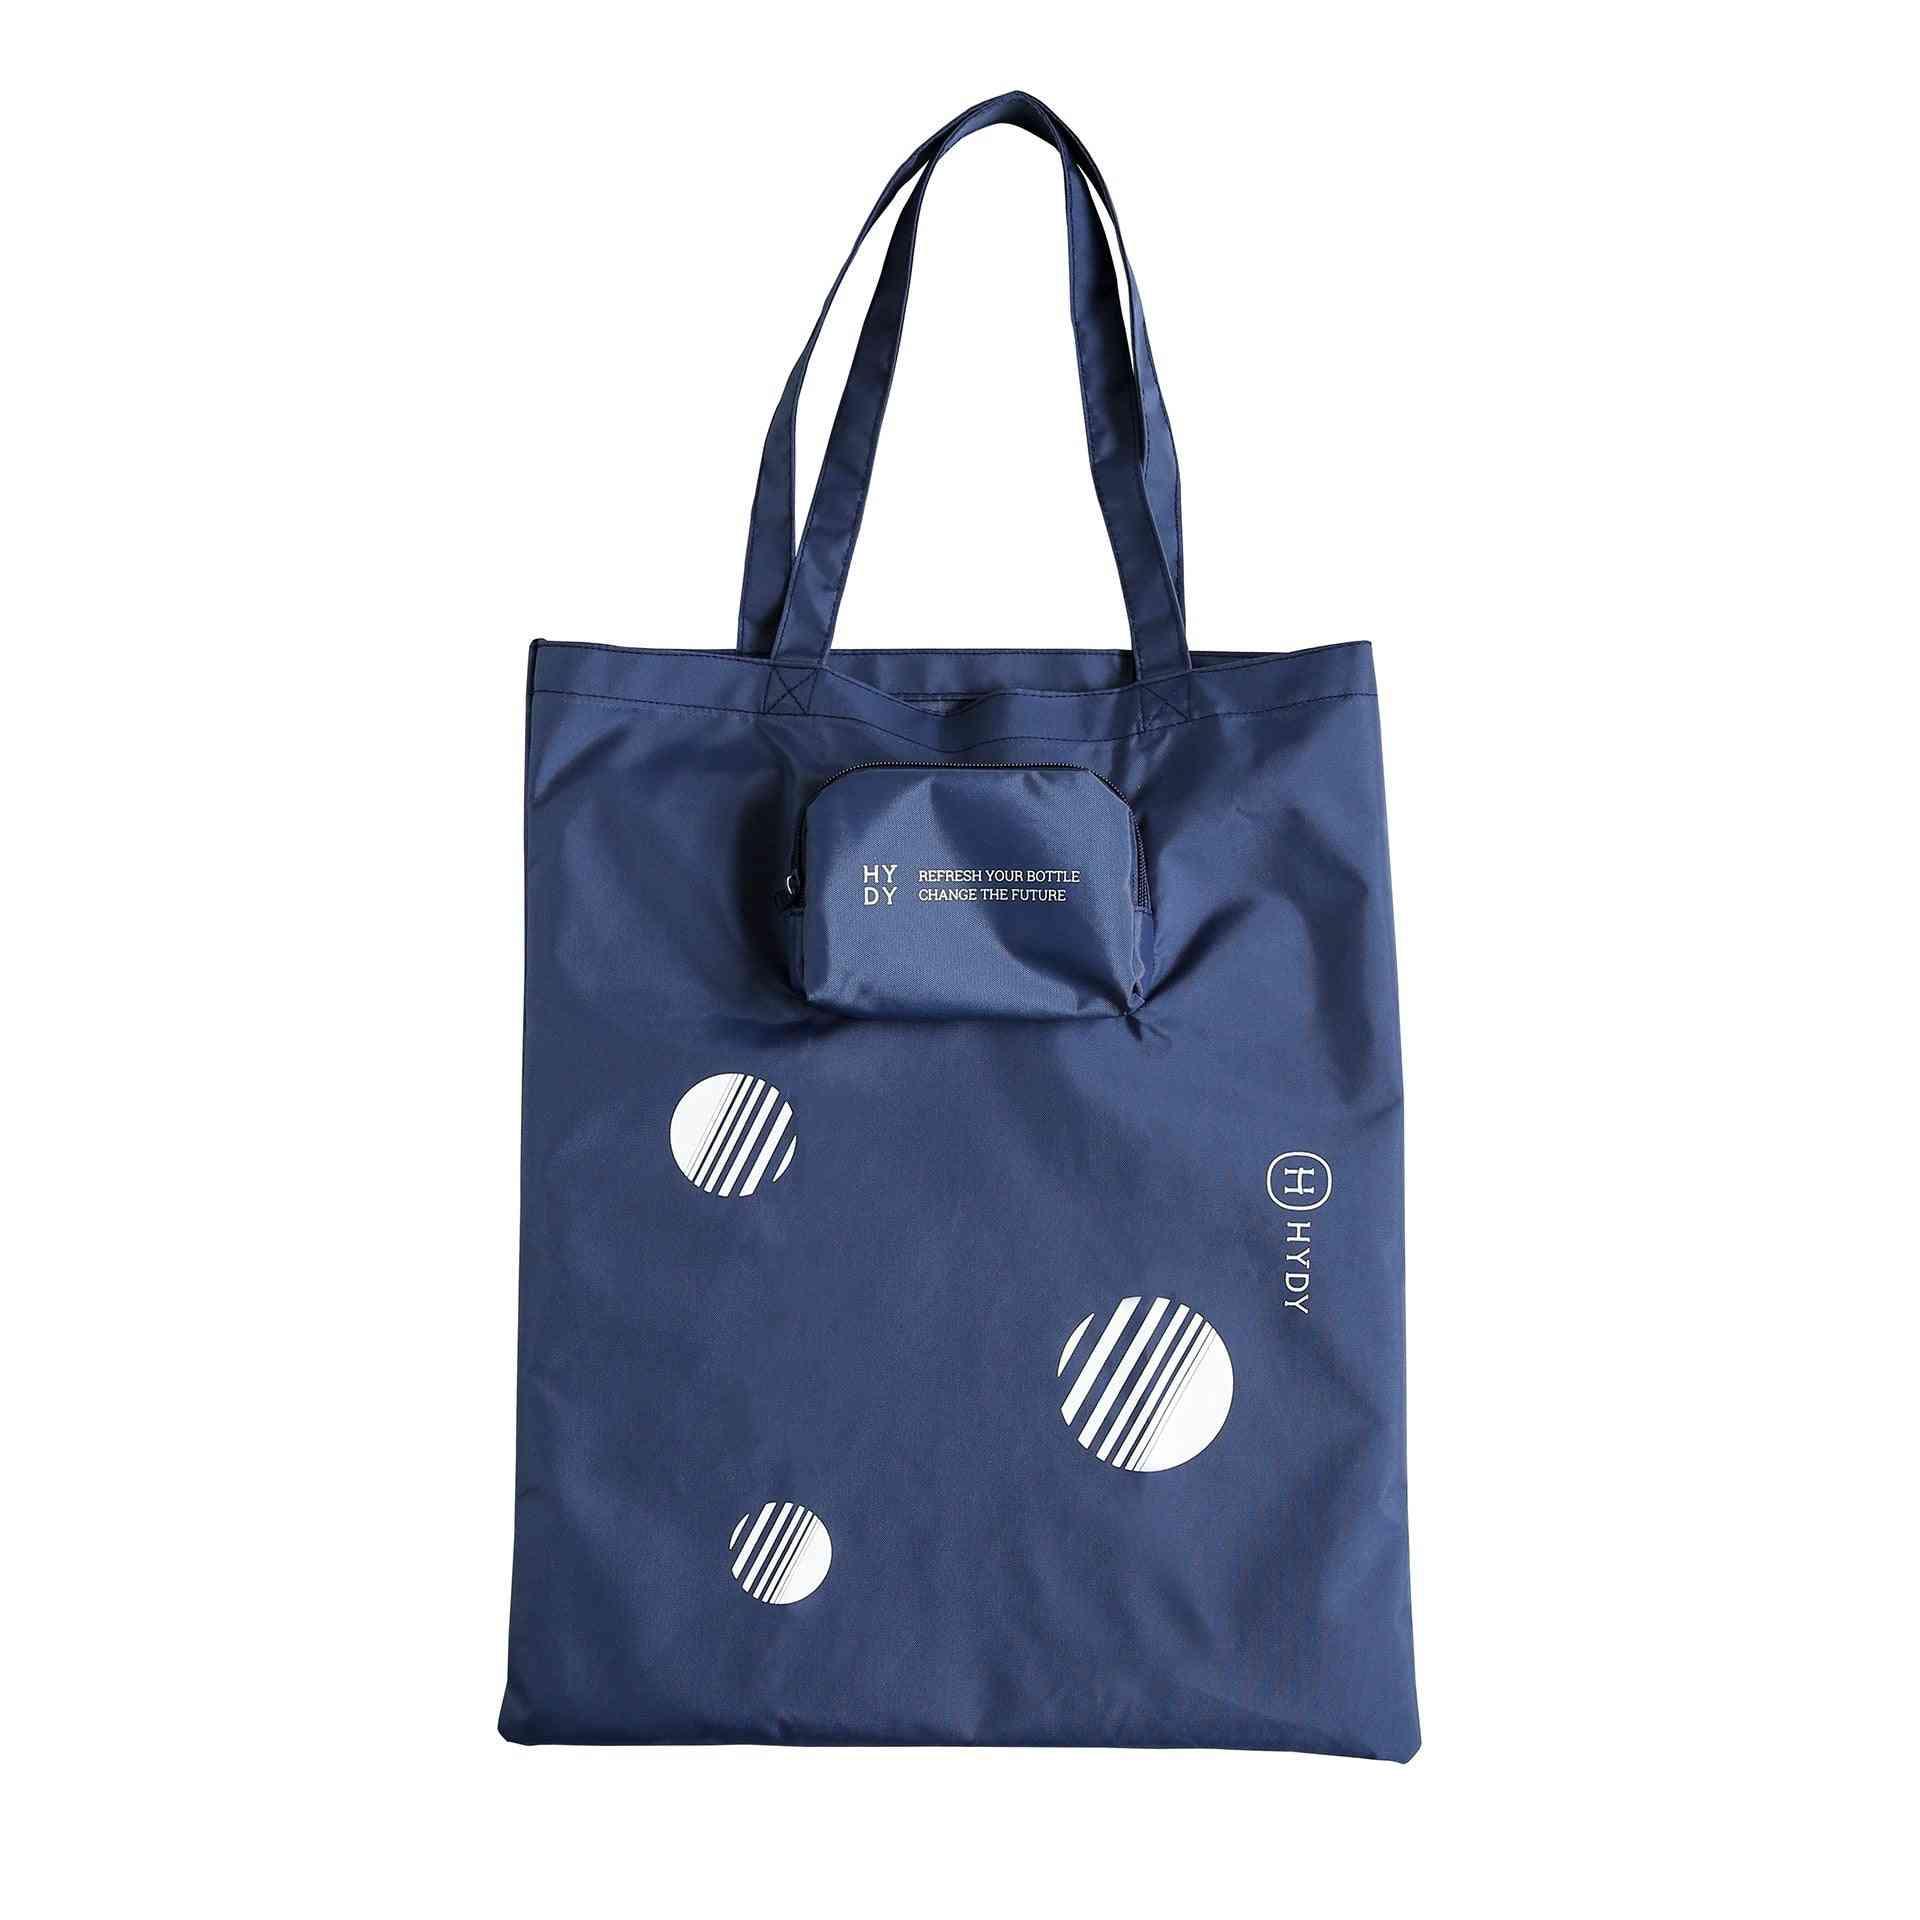 Reusable Bag - Portable Convenience